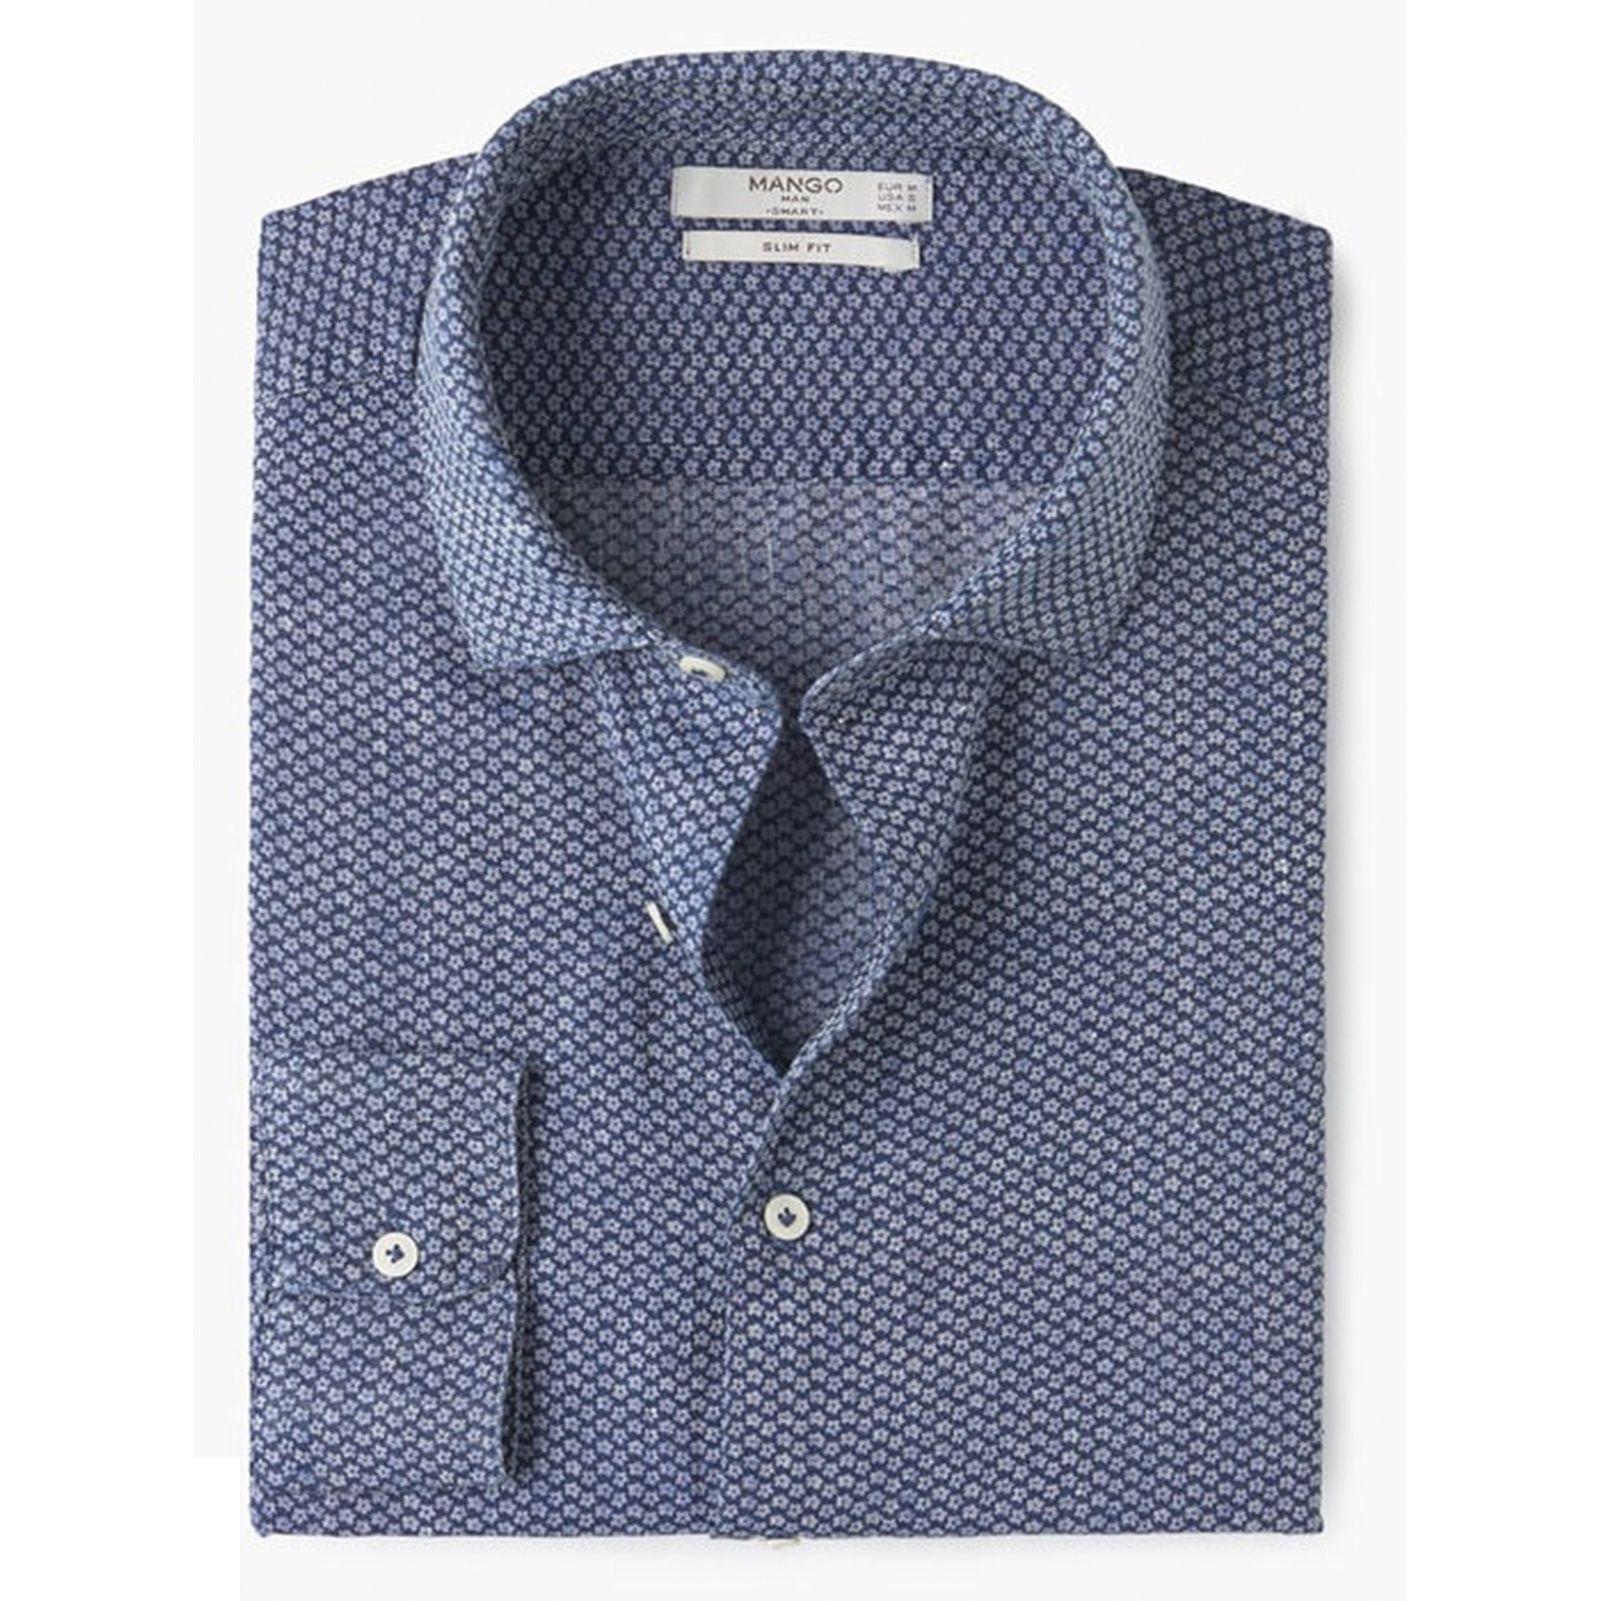 پیراهن آستین بلند مردانه - مانگو - سرمه اي - 1